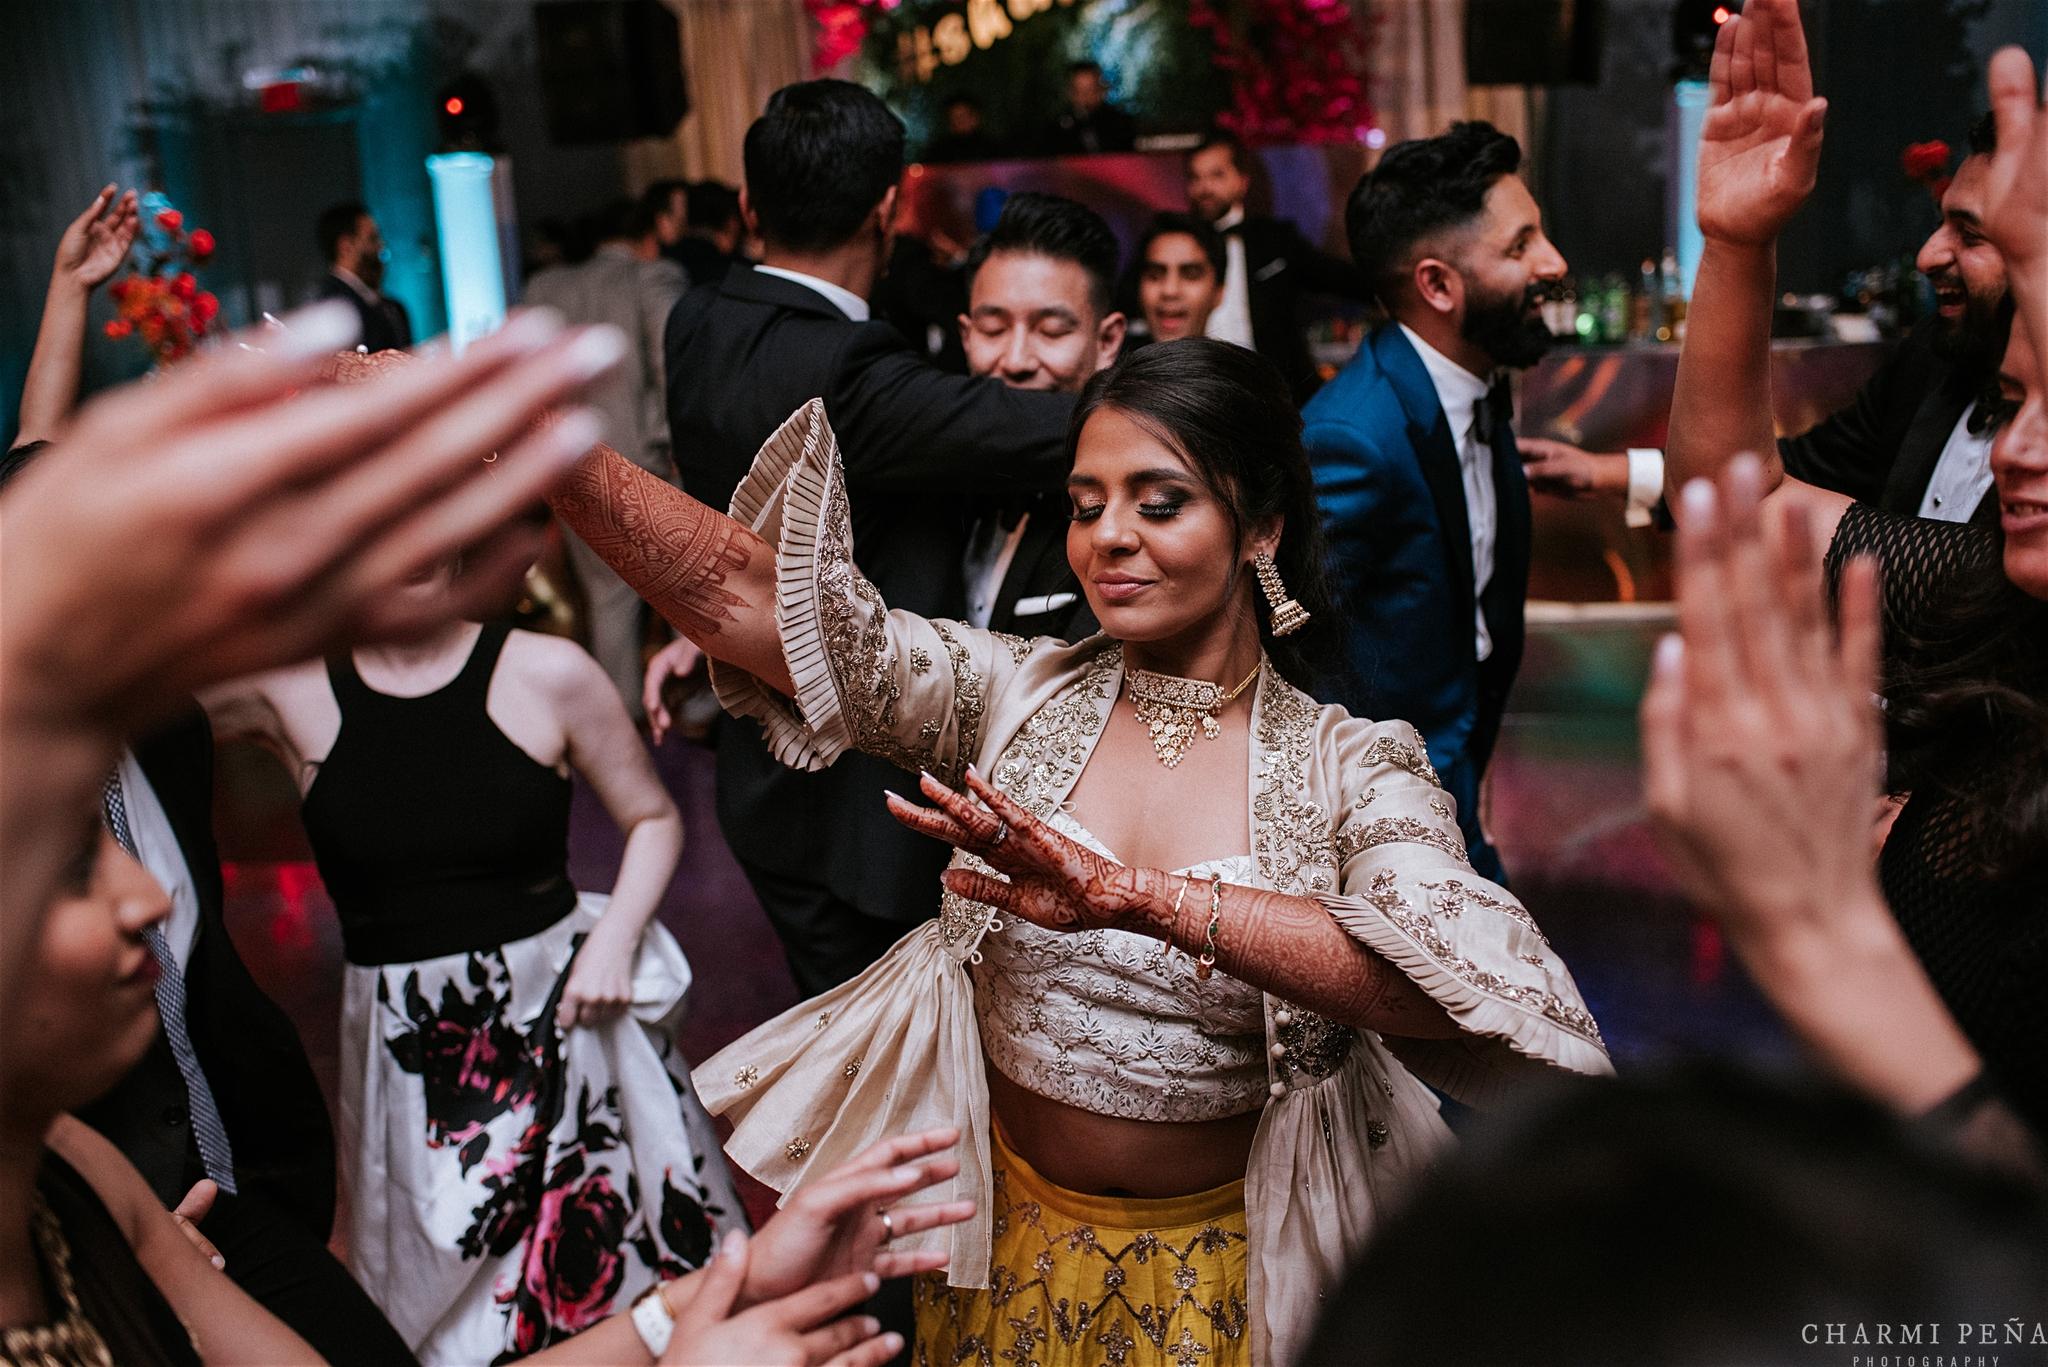 INDIAN WEDDING RECEPTION BRIDE DANCING2.jpg